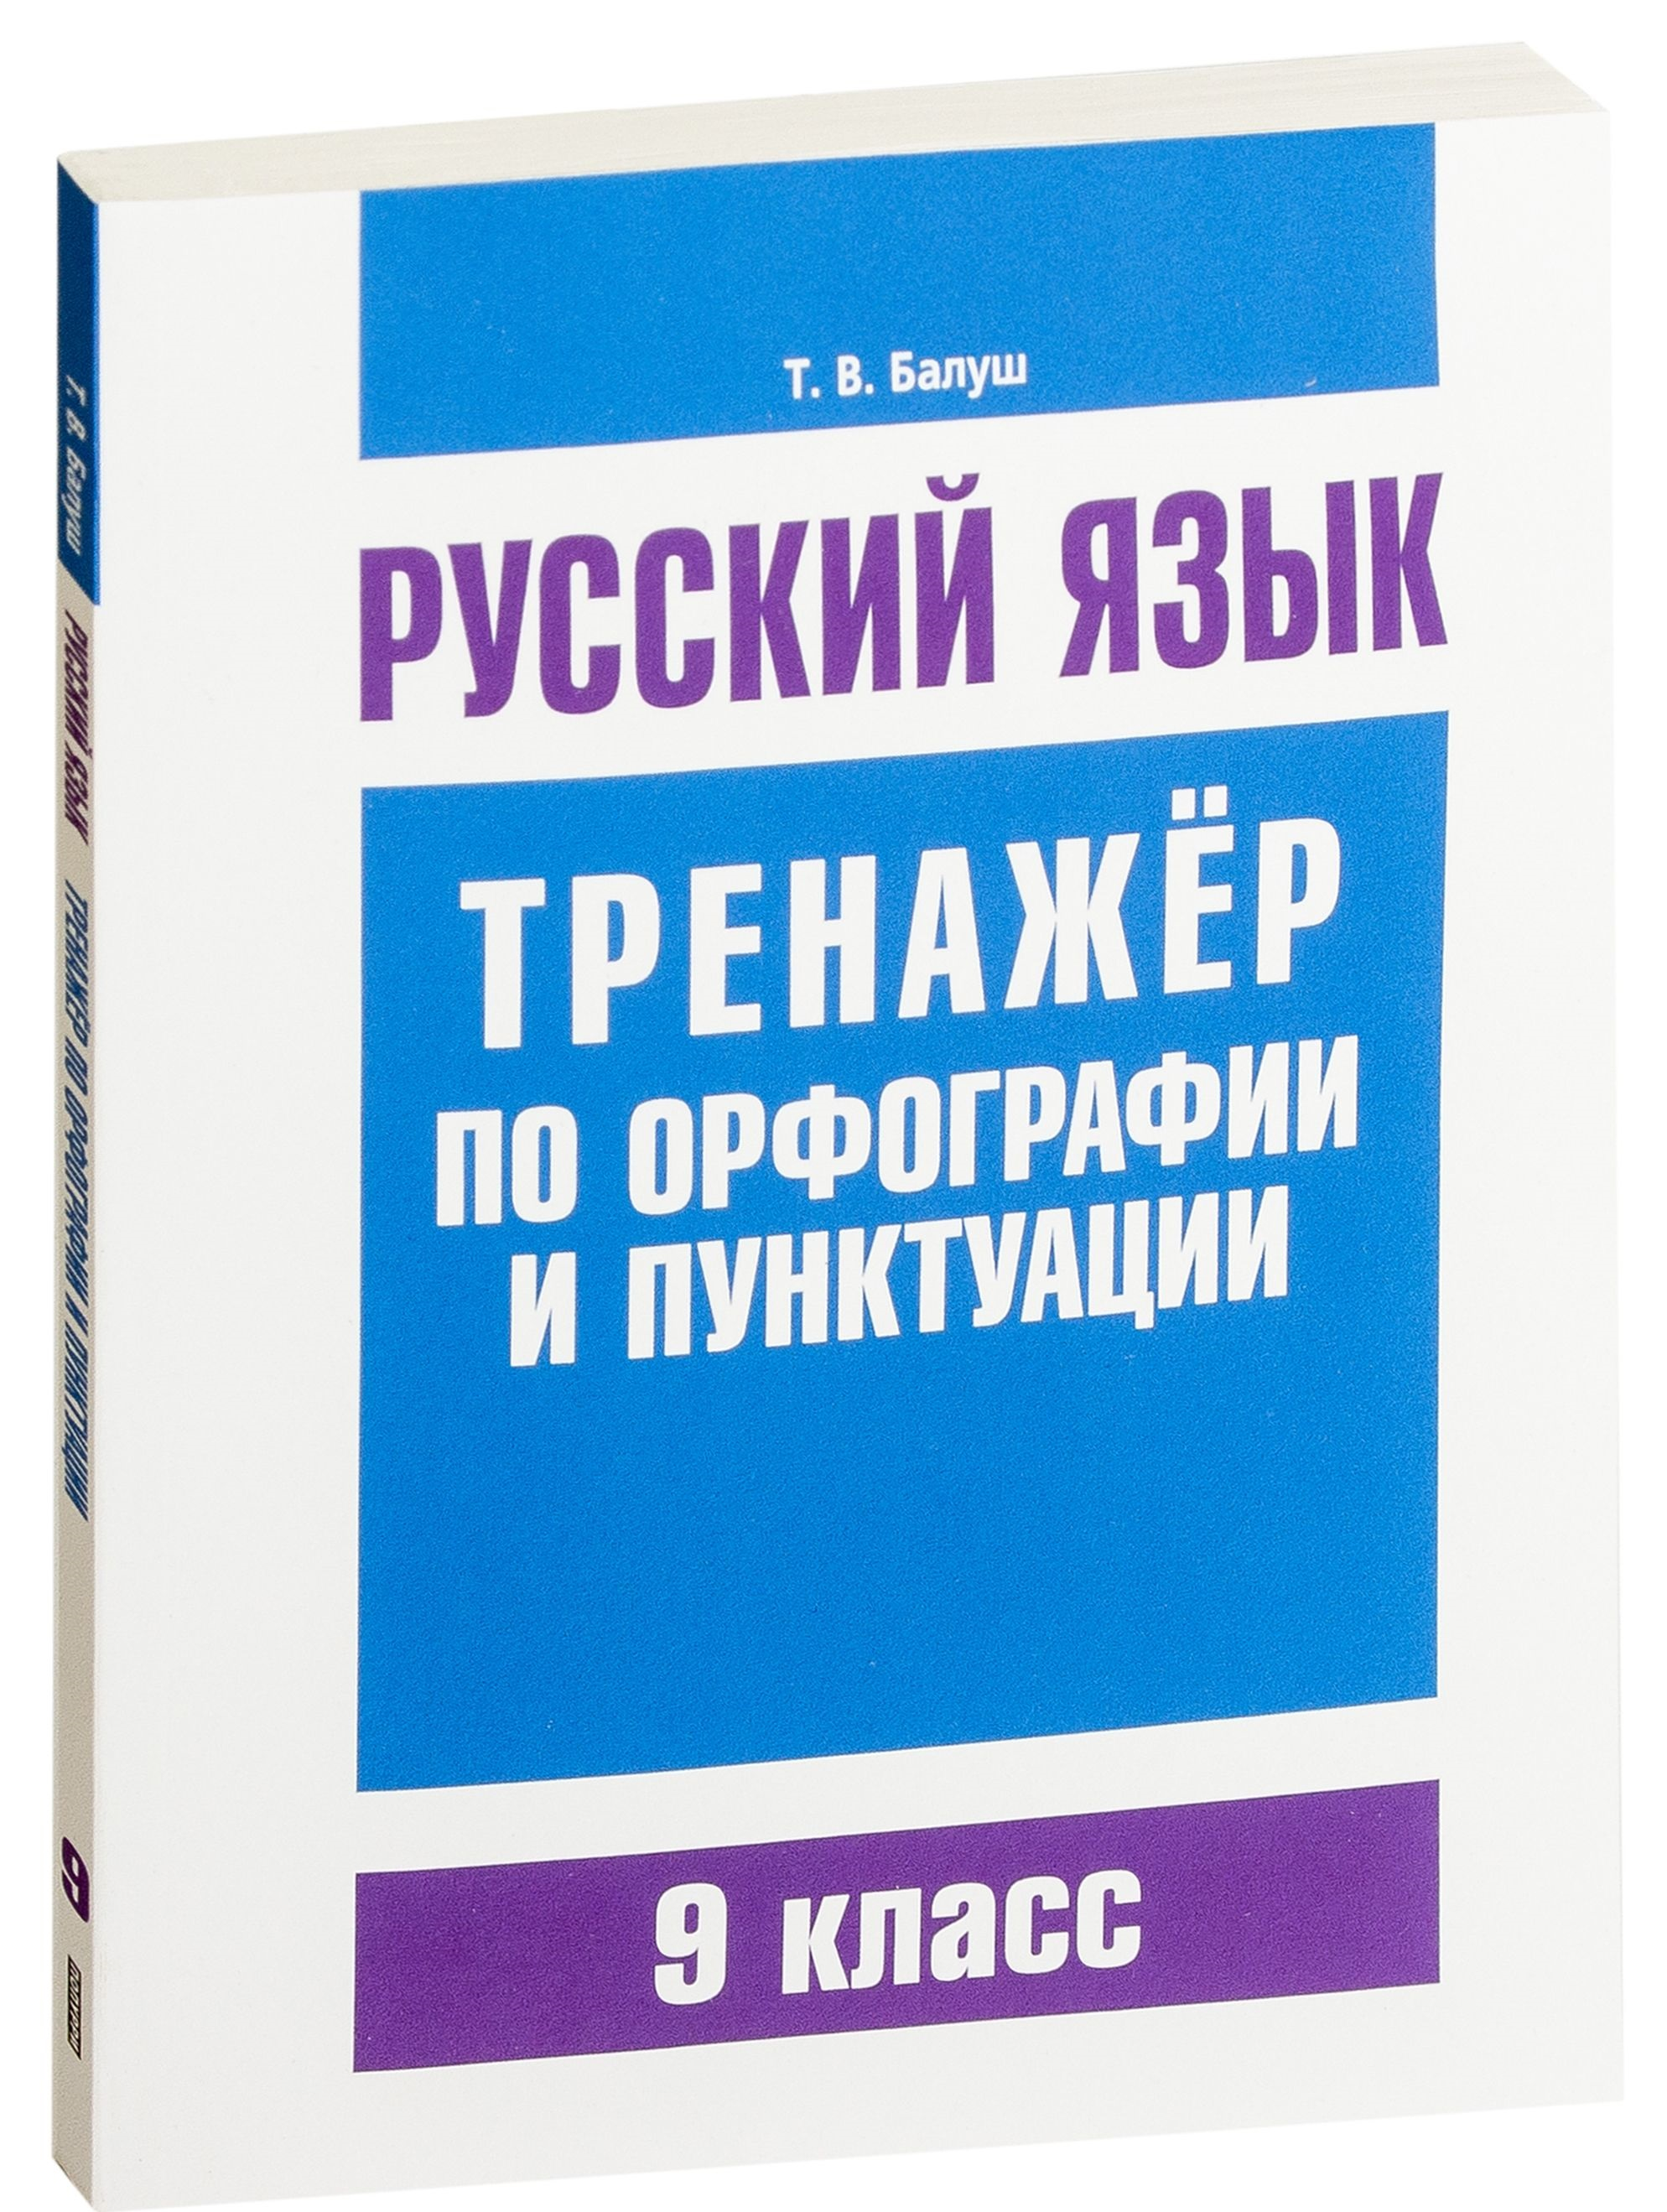 Русский Язык. тренажер по Орфографии и пунктуаци и 9 класс